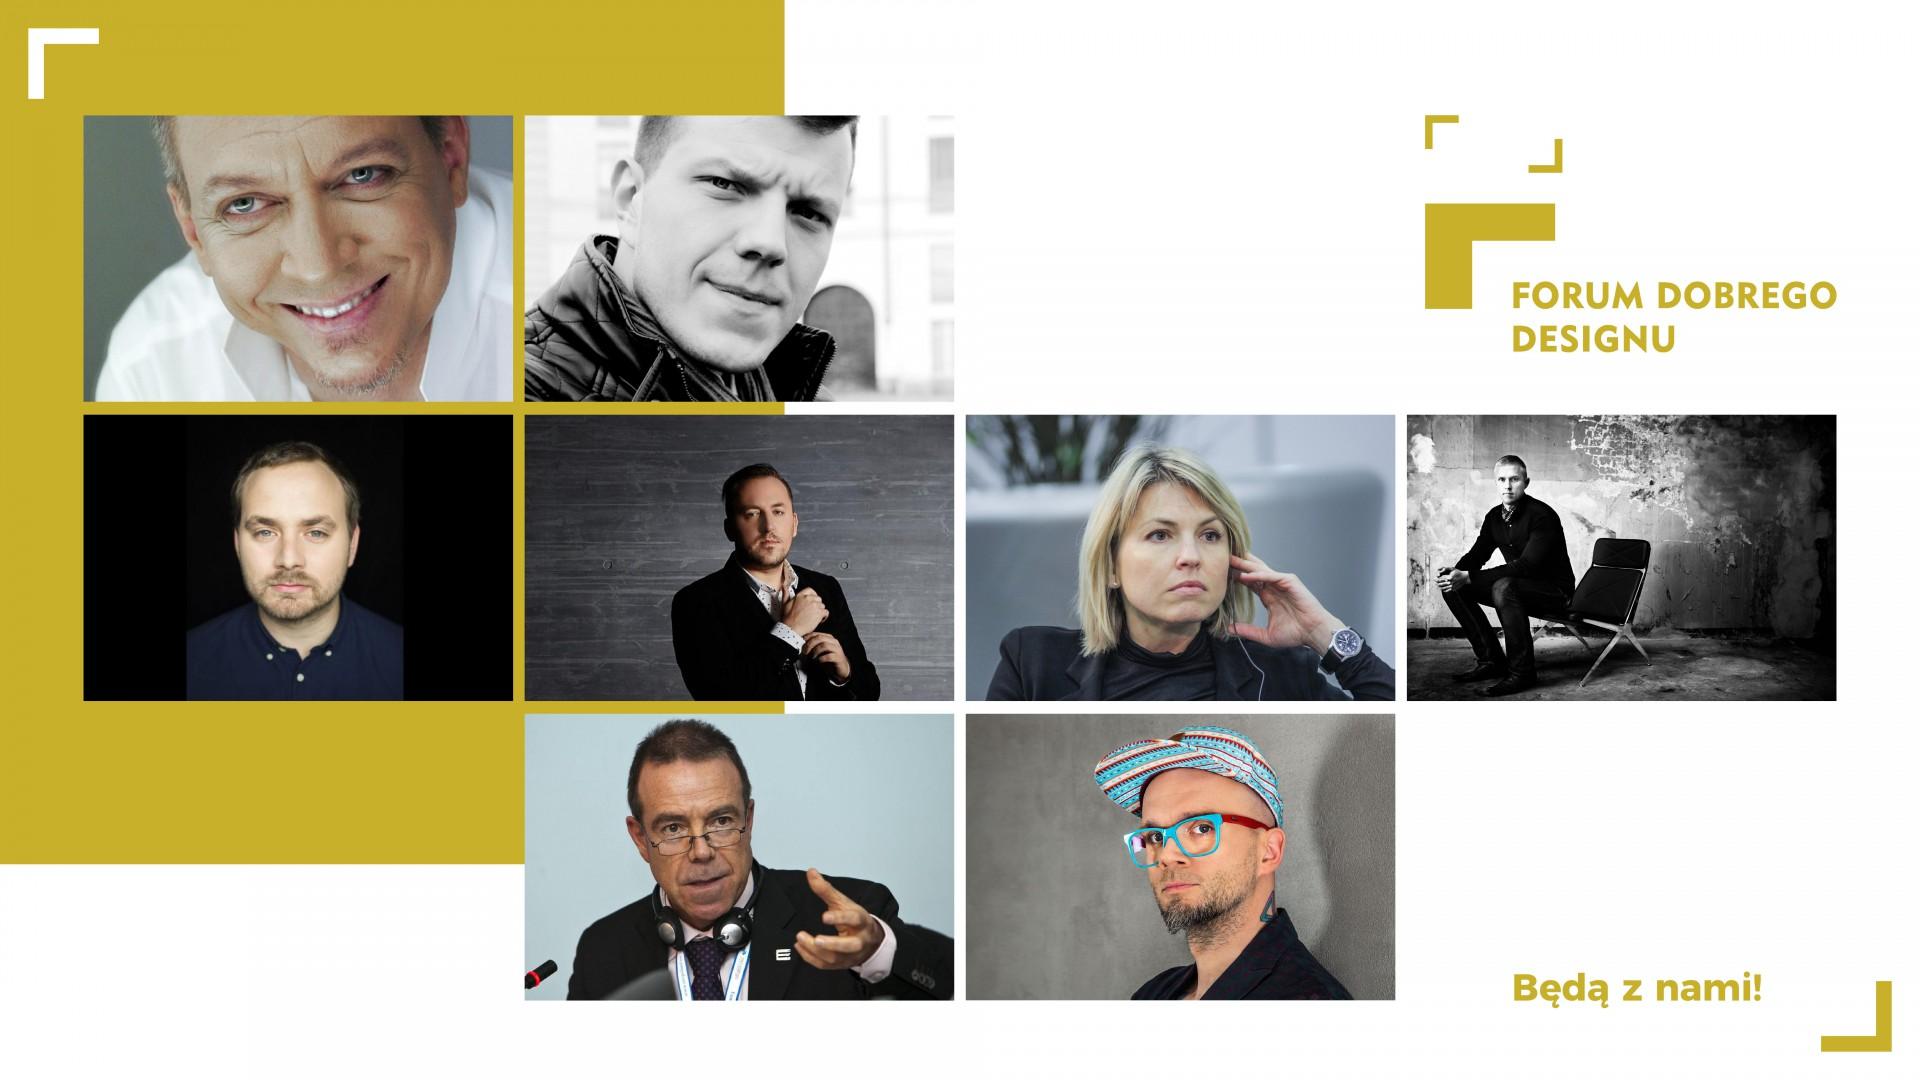 V Forum Dobrego Designu odbędzie się 6 grudnia br. w Warszawie.